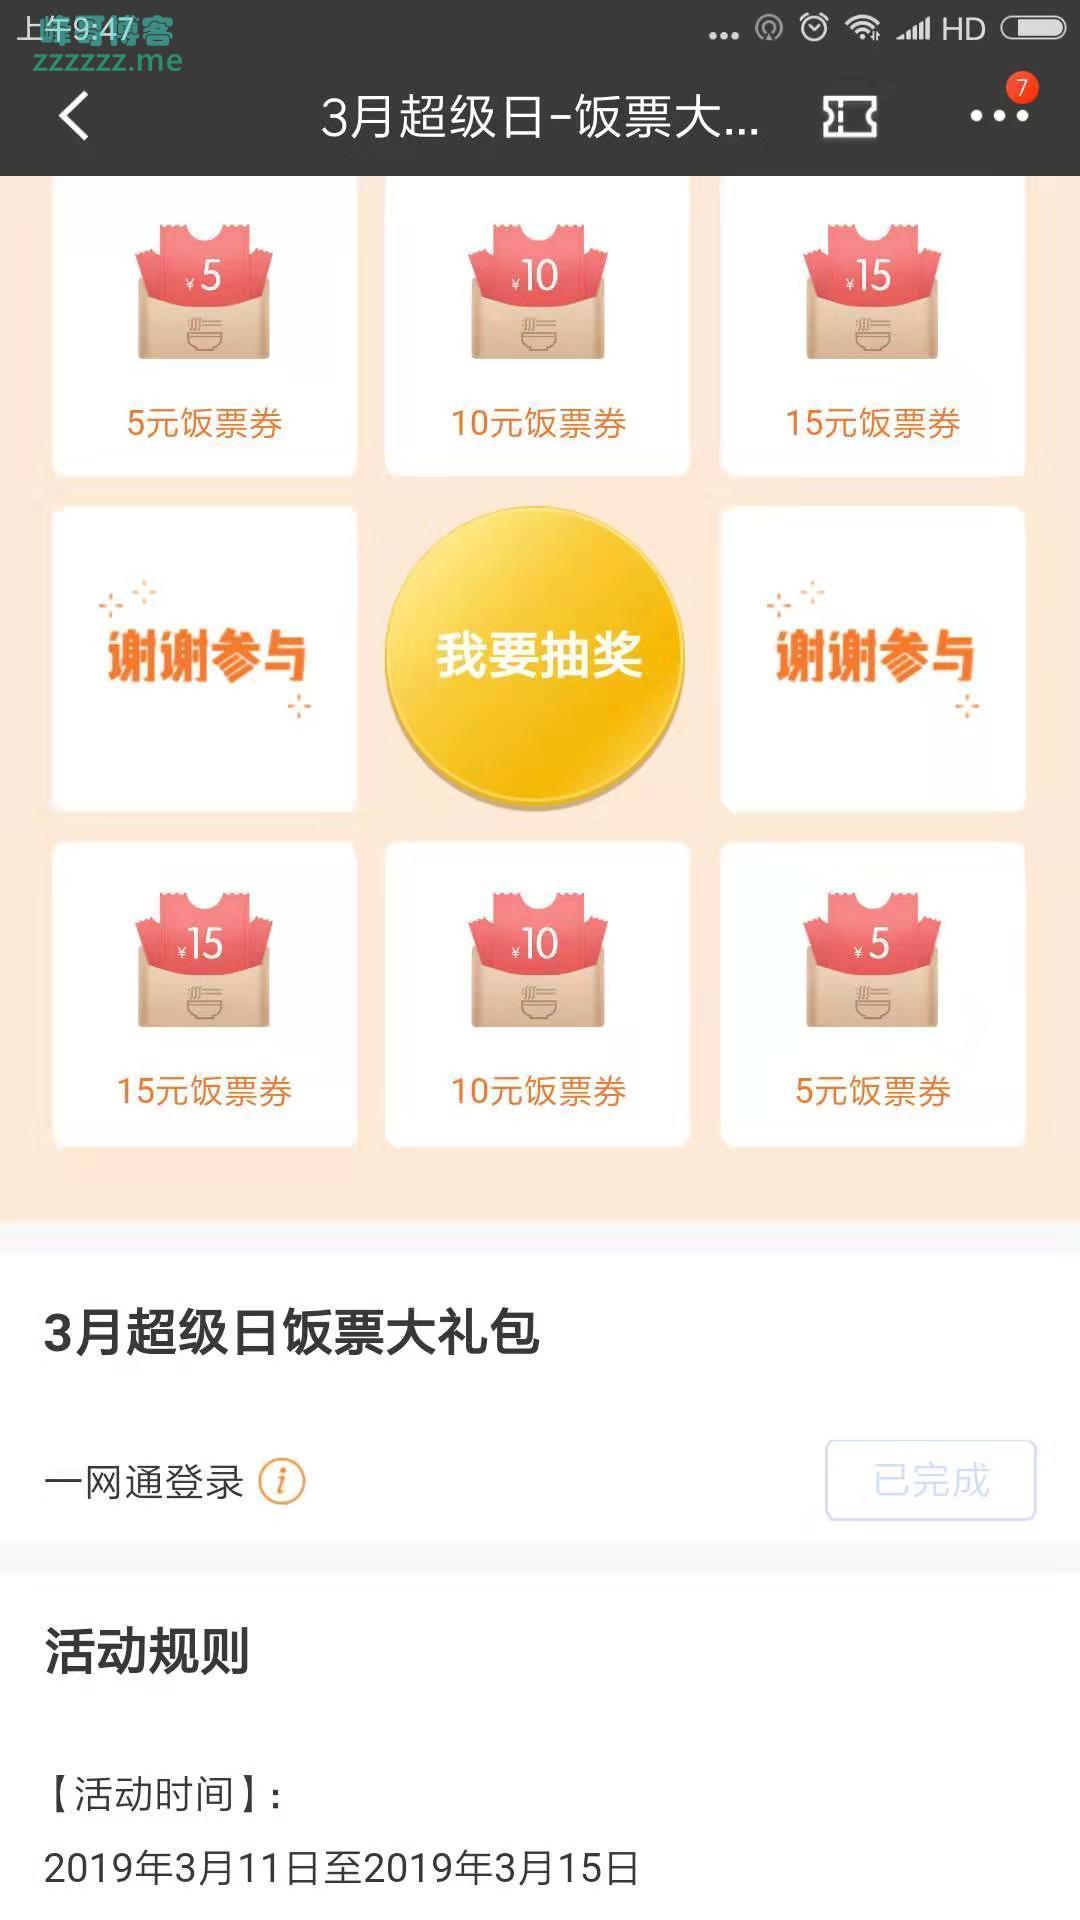 <招行>饭票大礼包(截至3月15日)